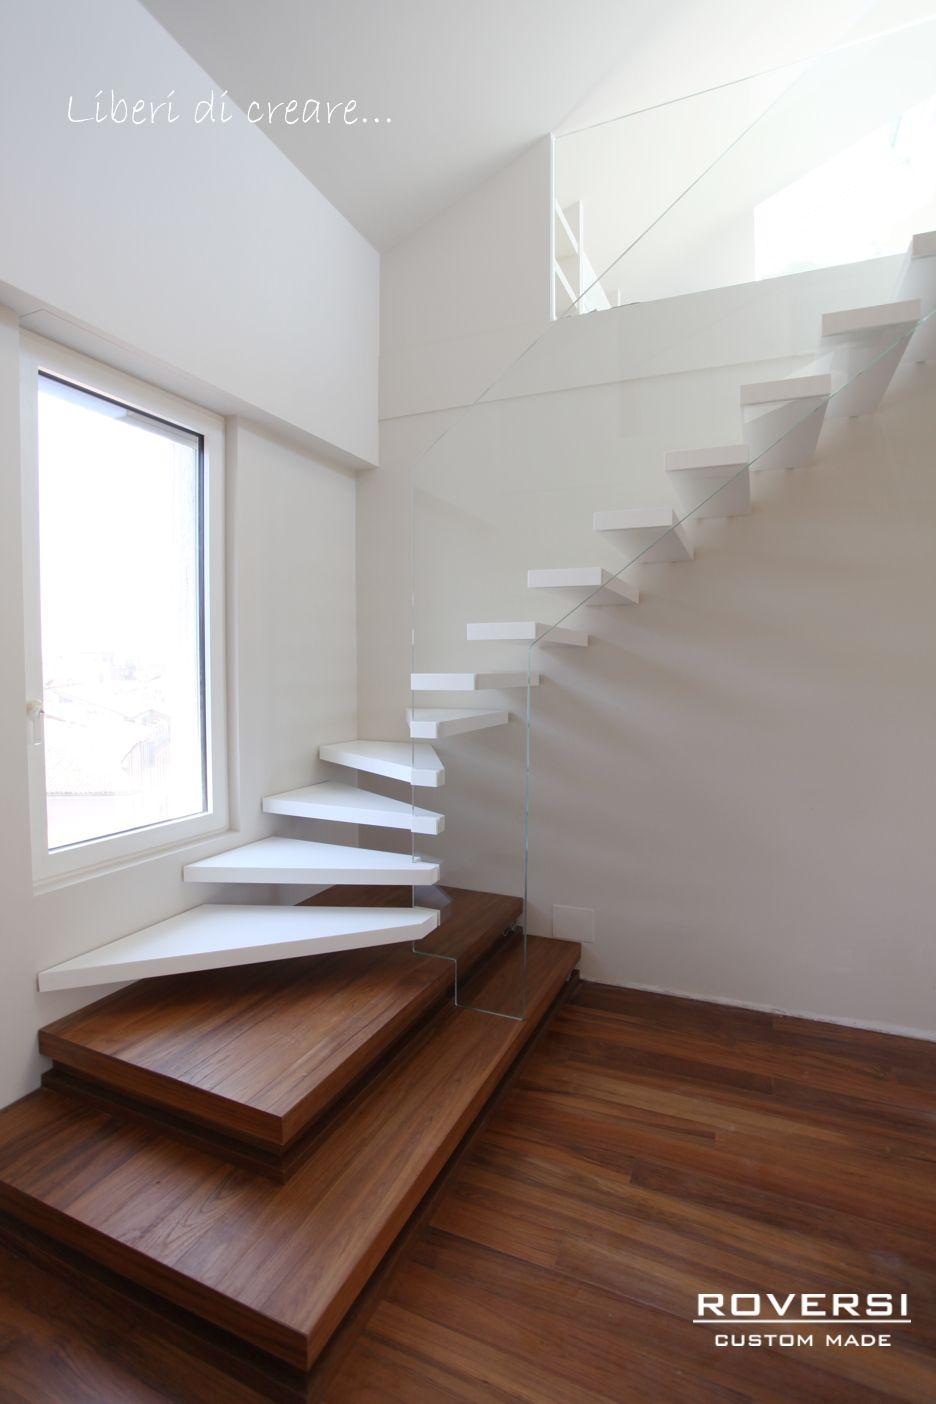 Produzione e vendita di scale a sbalzo soluzioni molto for Vari stili di arredamento